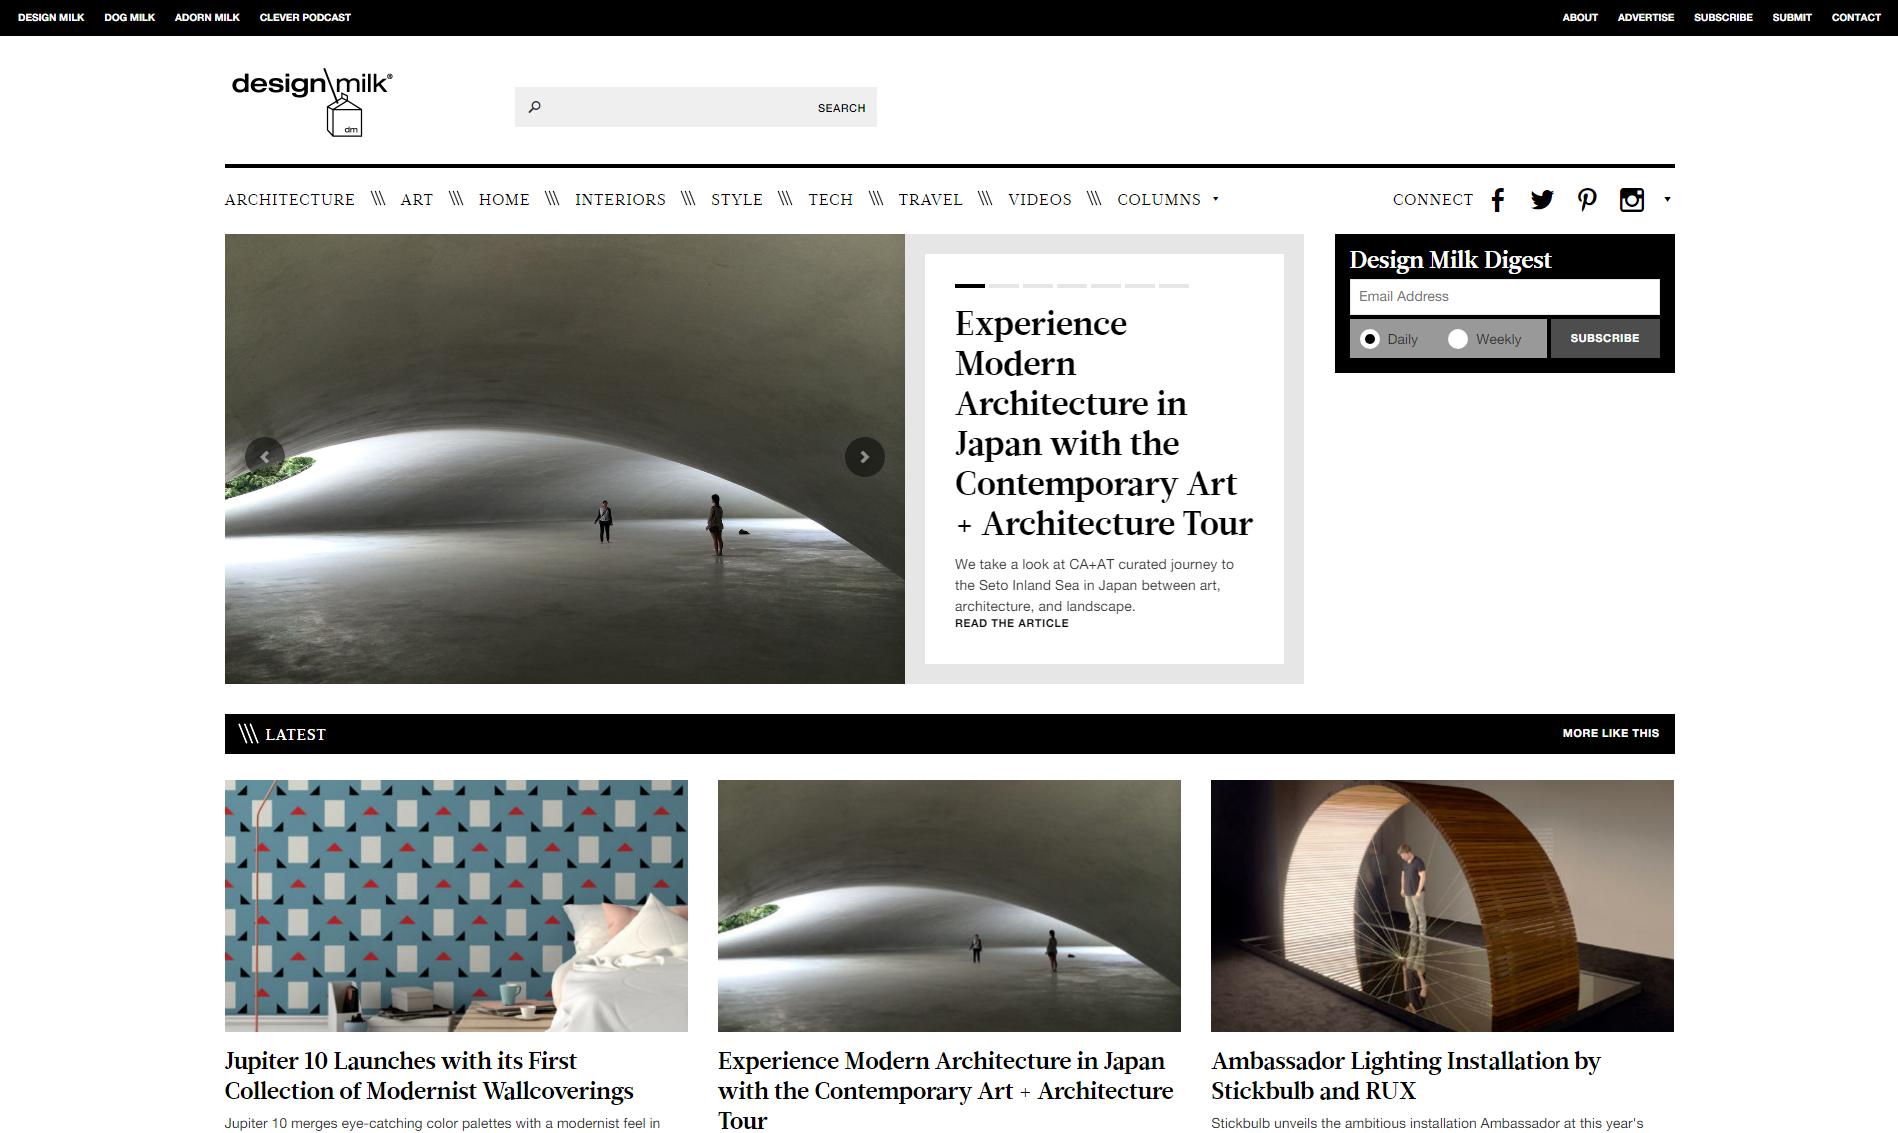 design-milk.com donne une des inspirations design